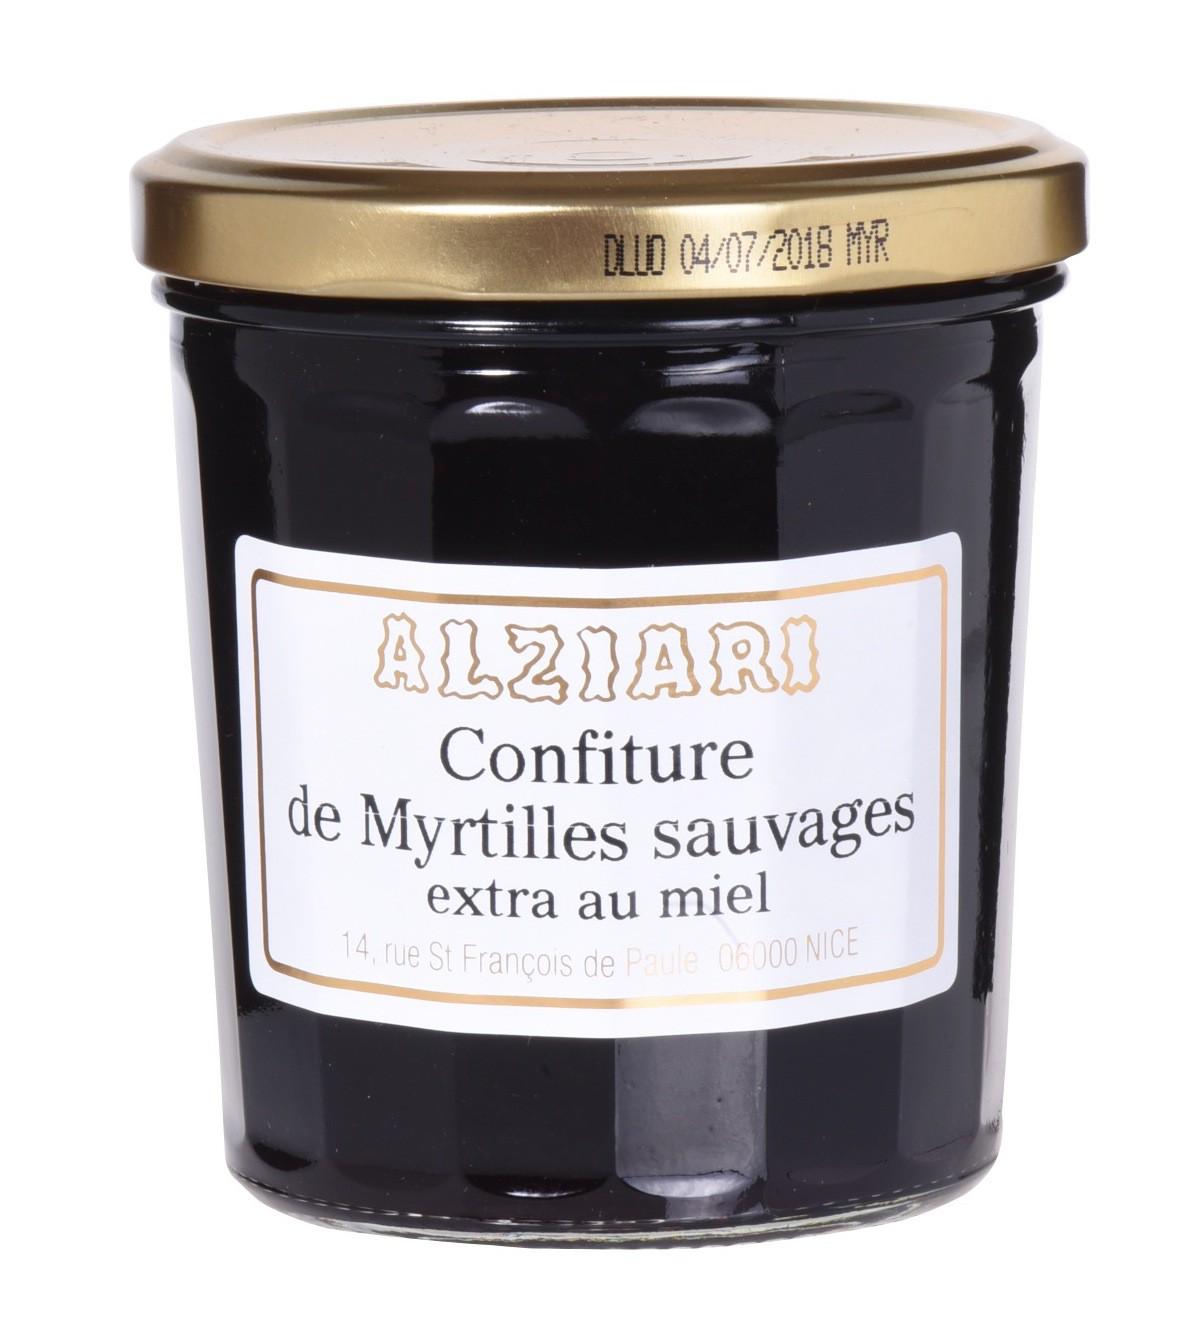 Confiture de Myrtilles 375gr